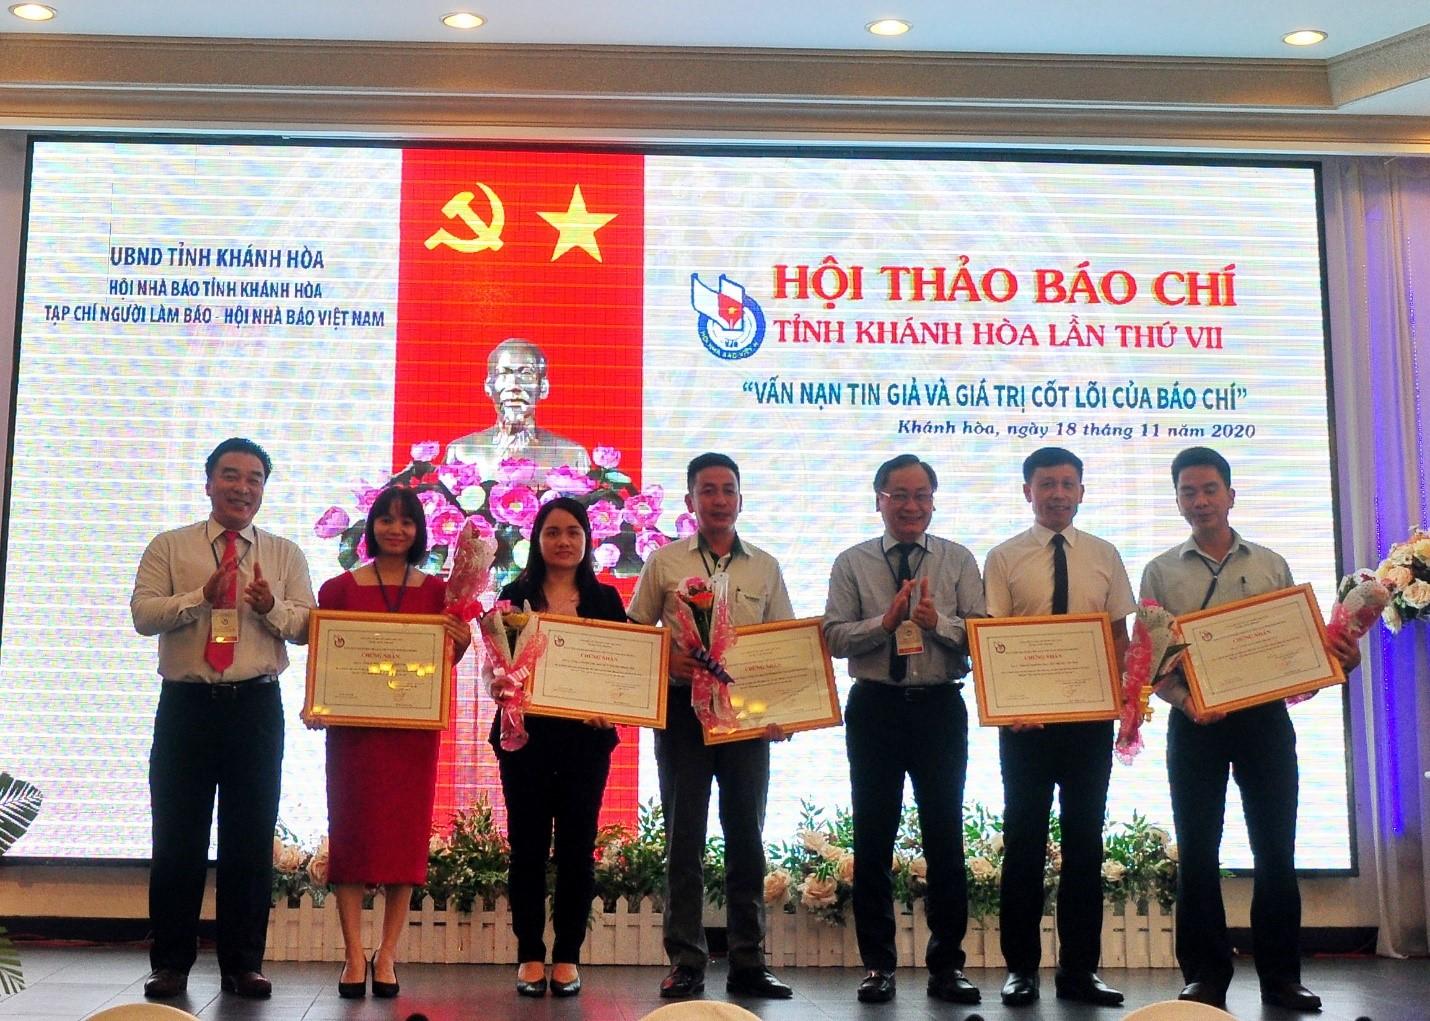 BTC Hội Thảo Báo chí trao chứng nhận cho các Doanh nghiệp đã đồng hành cùng Hội Thảo.